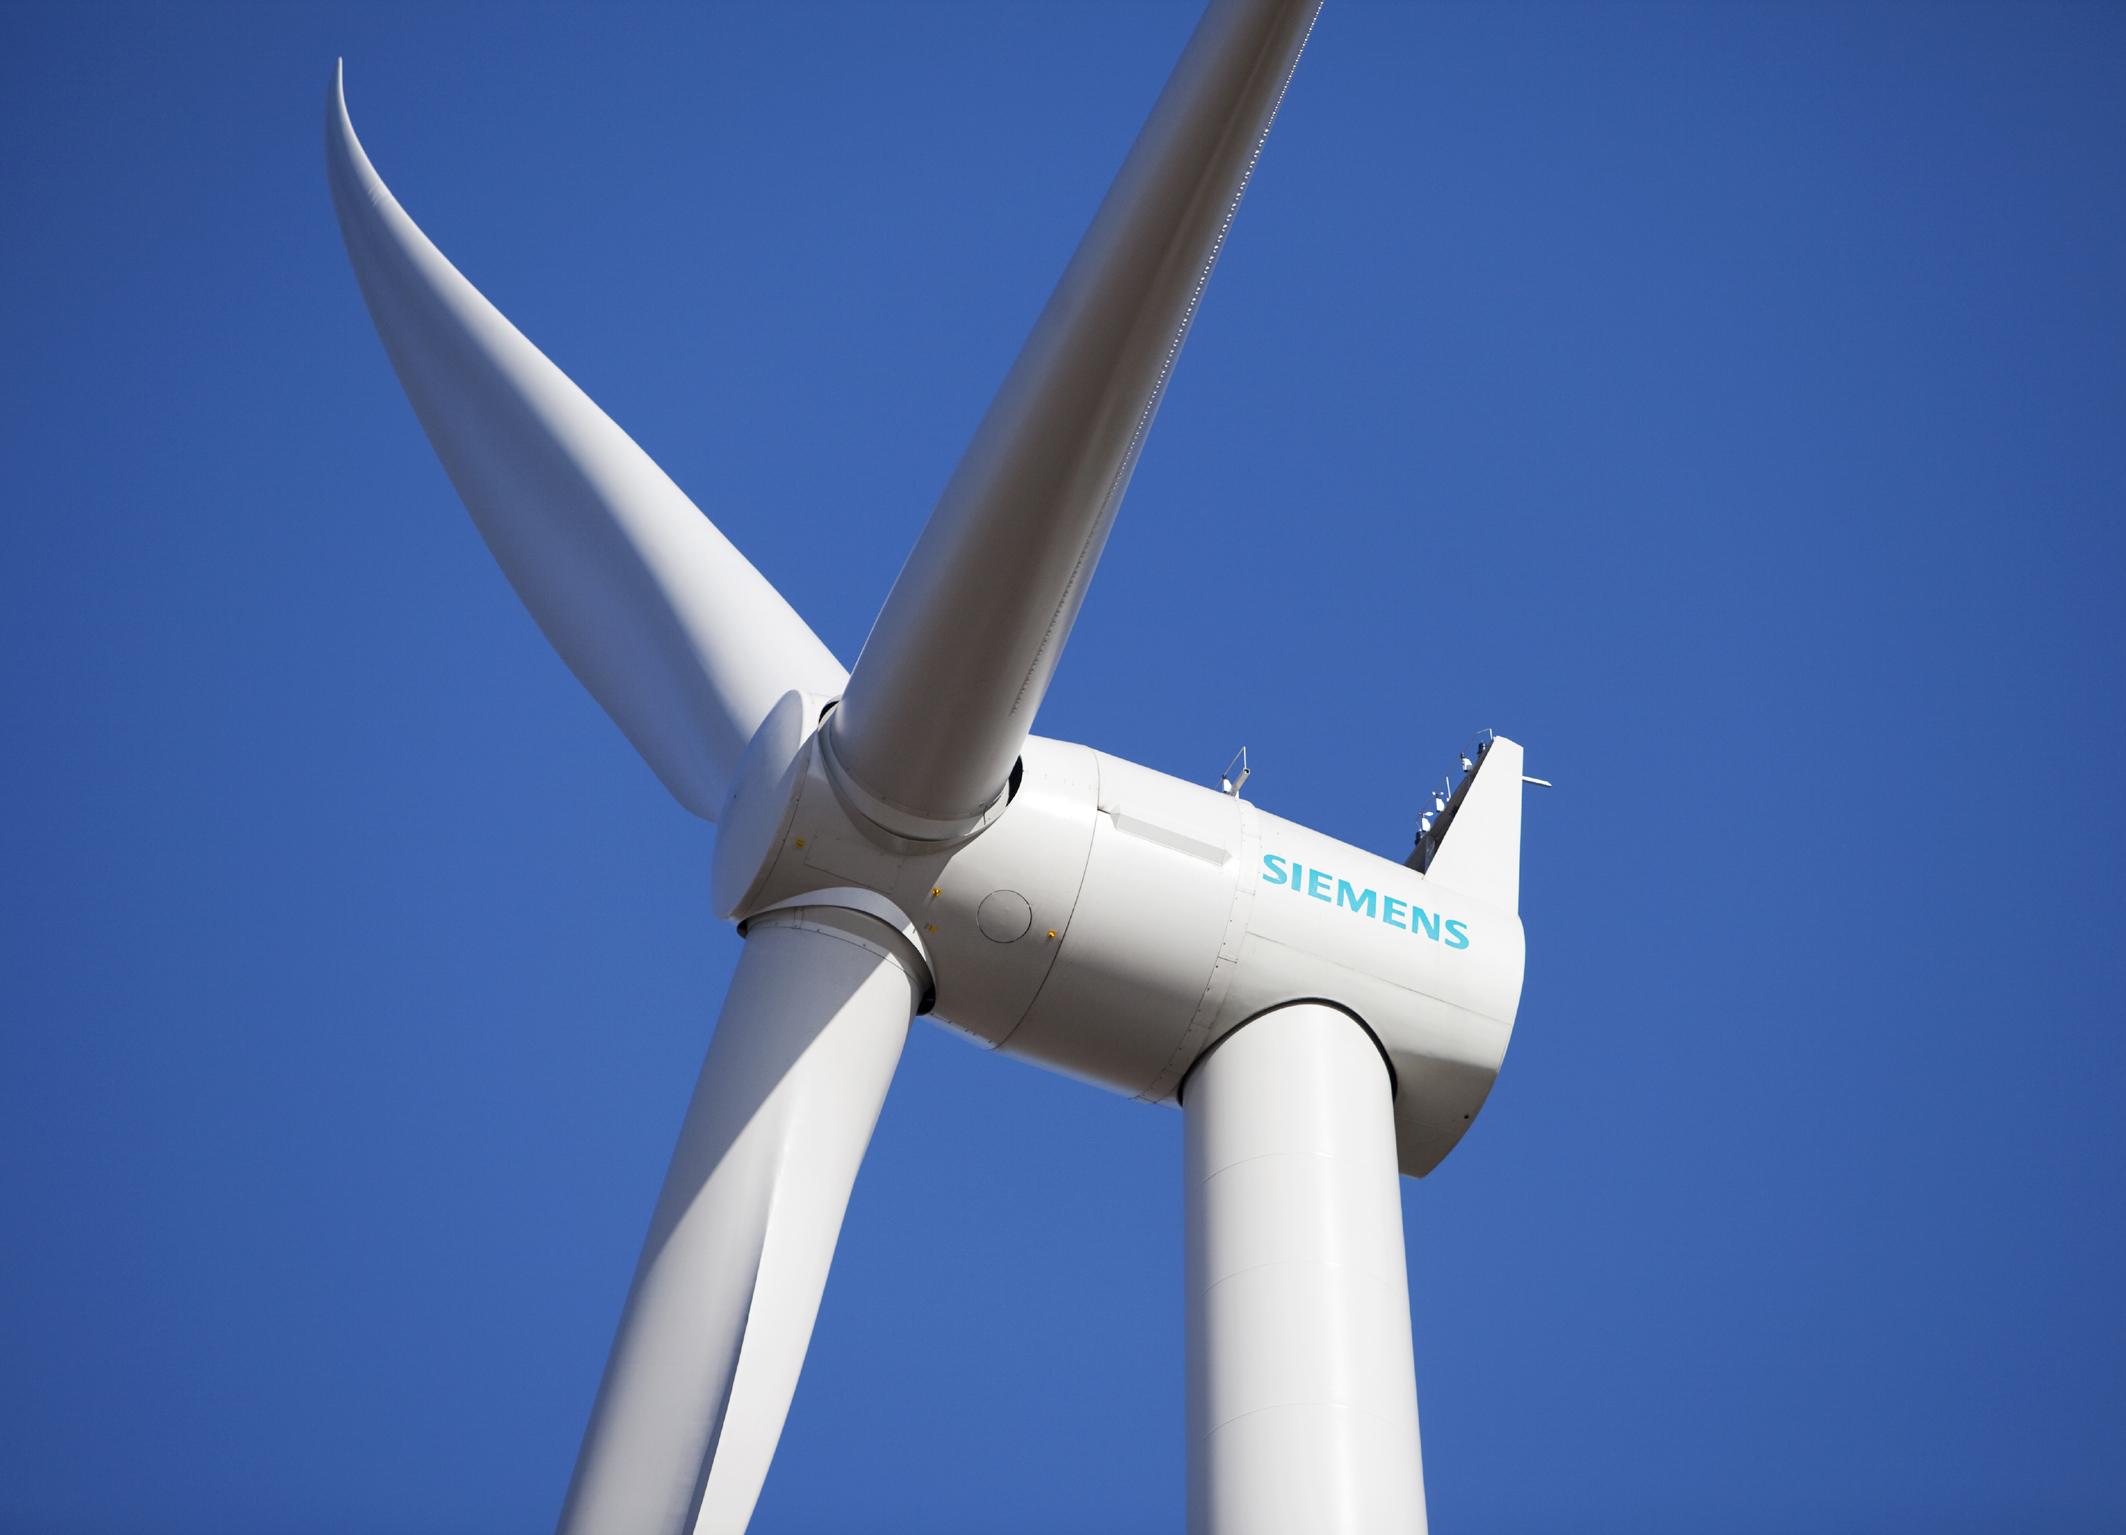 Siemens vende aerogeneradores por 270 MW de potencia eólica en Canadá